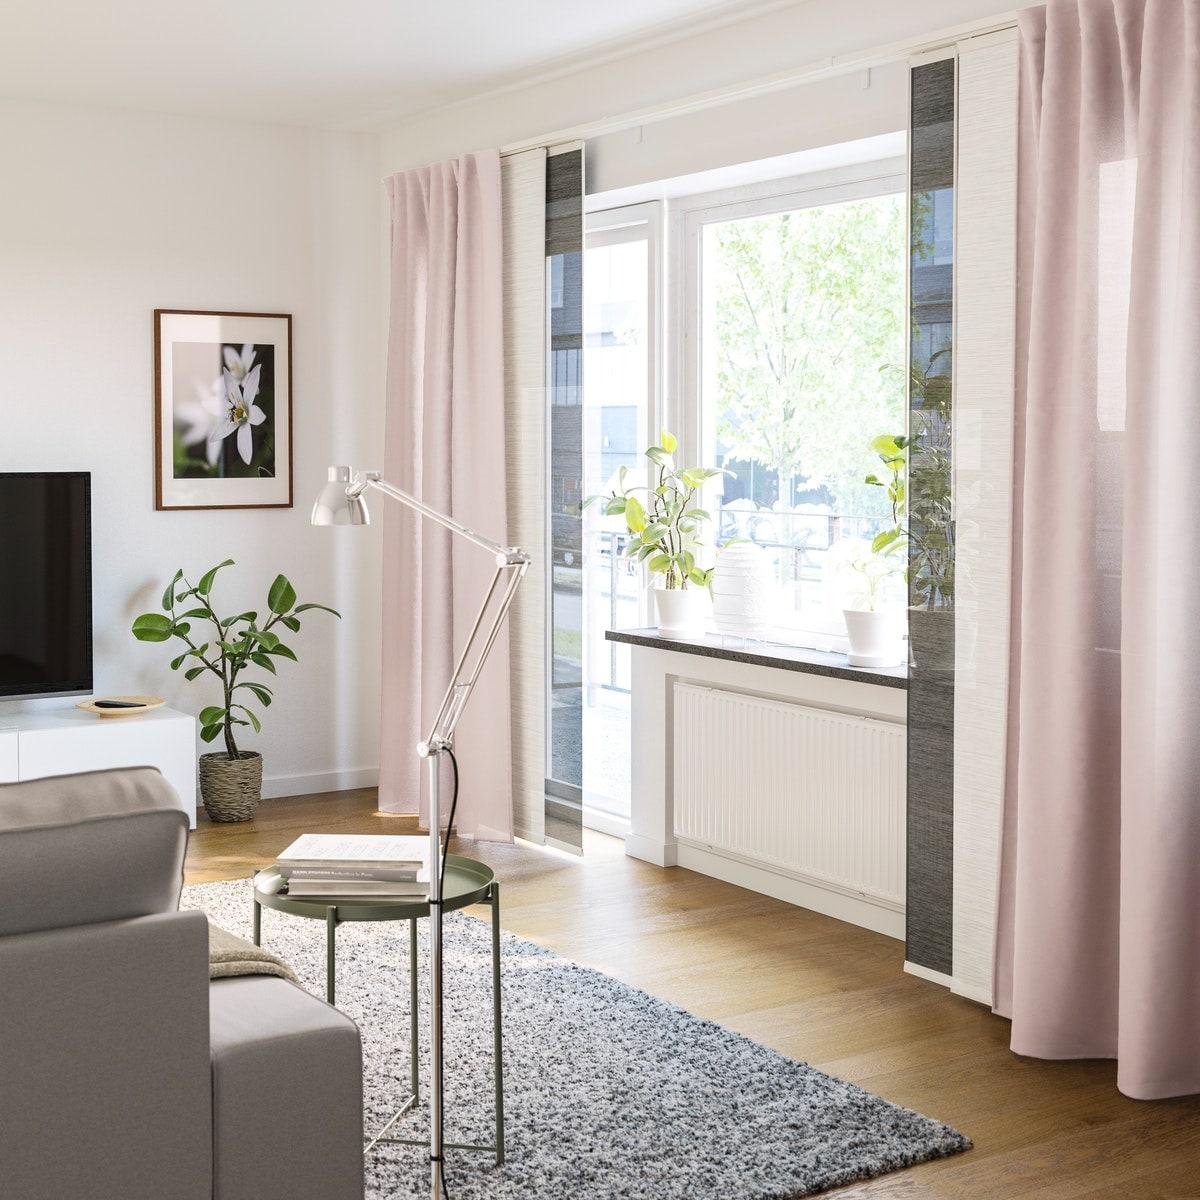 Full Size of Gardinen Ideen Inspirationen Fr Dein Zuhause Ikea Deutschland Vorhang Wohnzimmer Bad Küche Wohnzimmer Vorhang Terrassentür